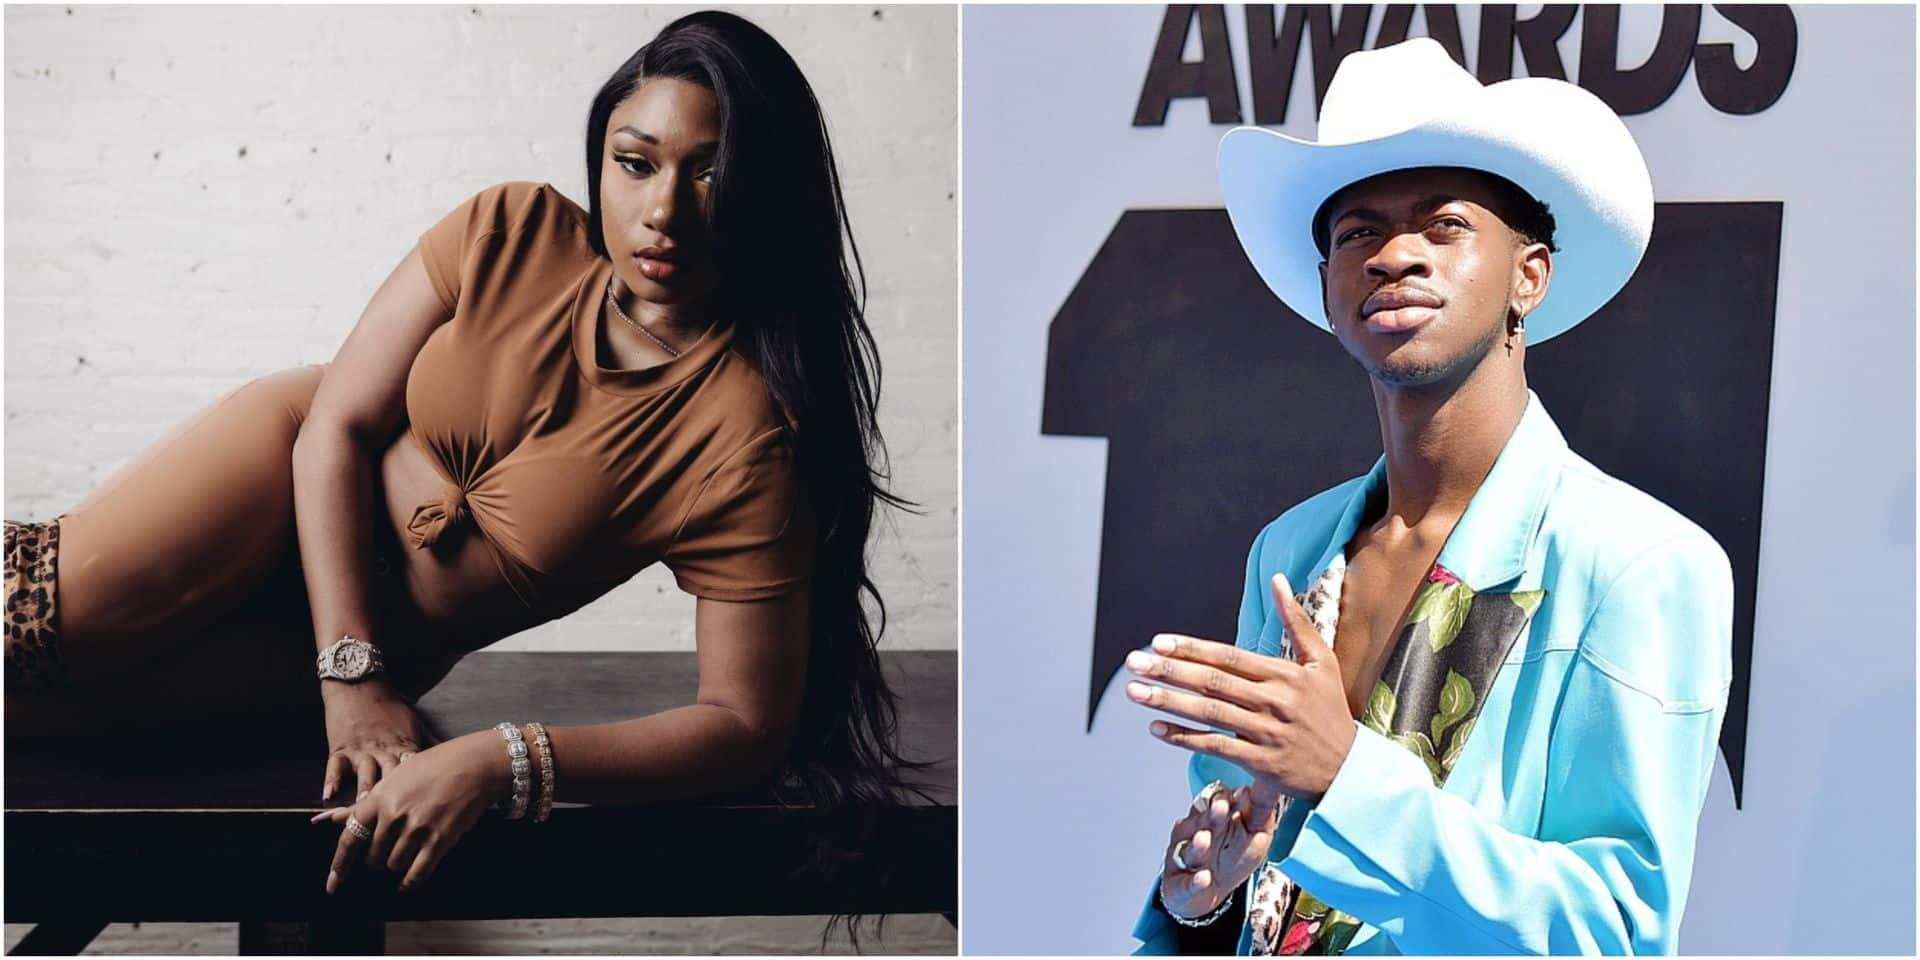 Lil Nas X et Megan Thee Stallion, de généreux rappeurs